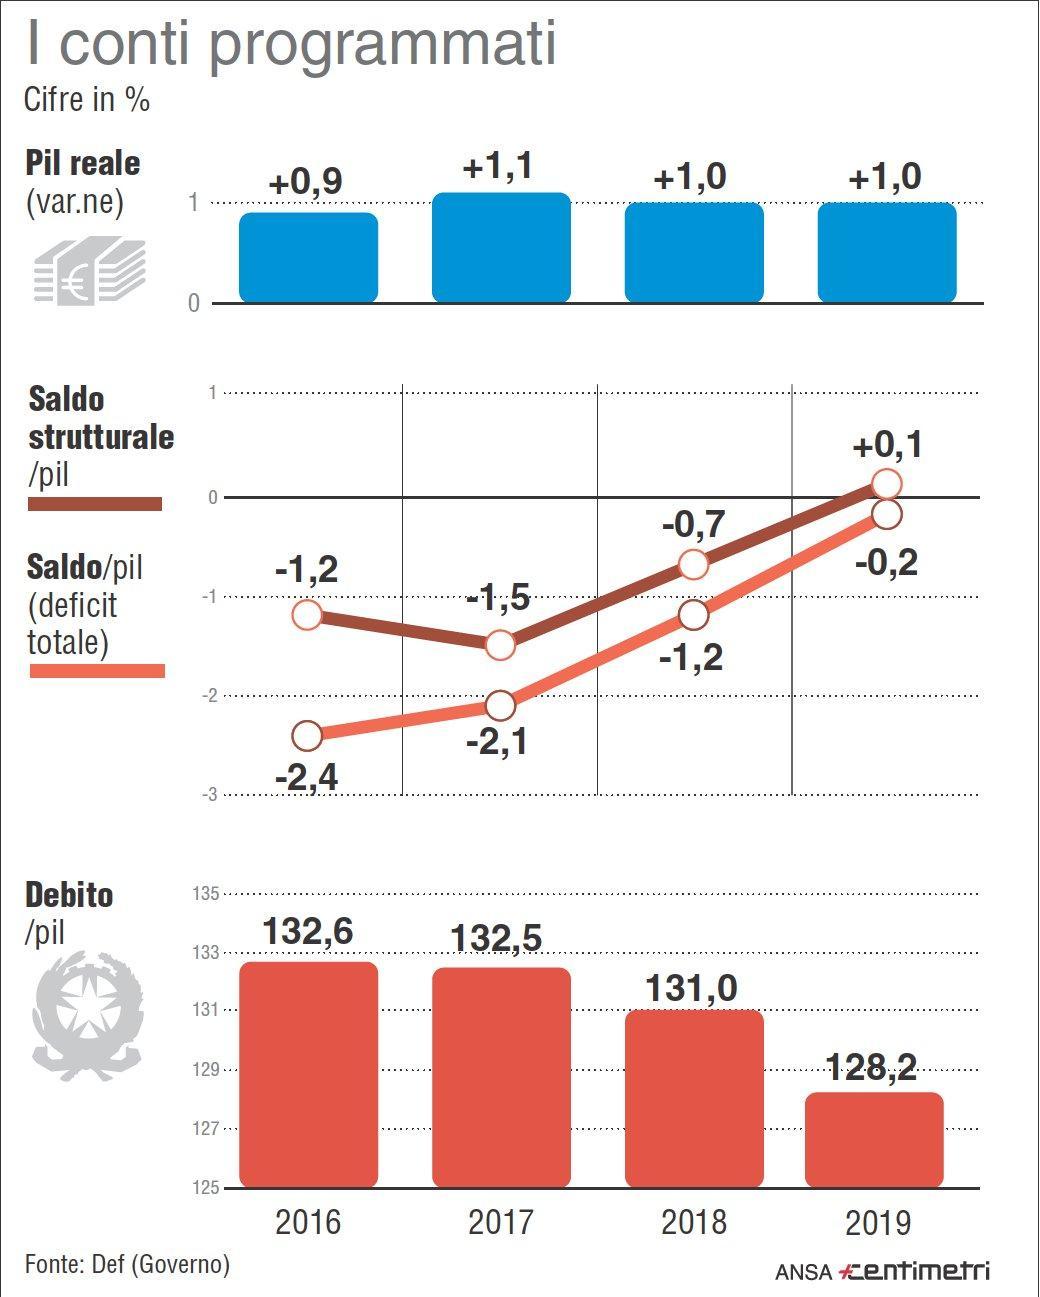 deficit/pil